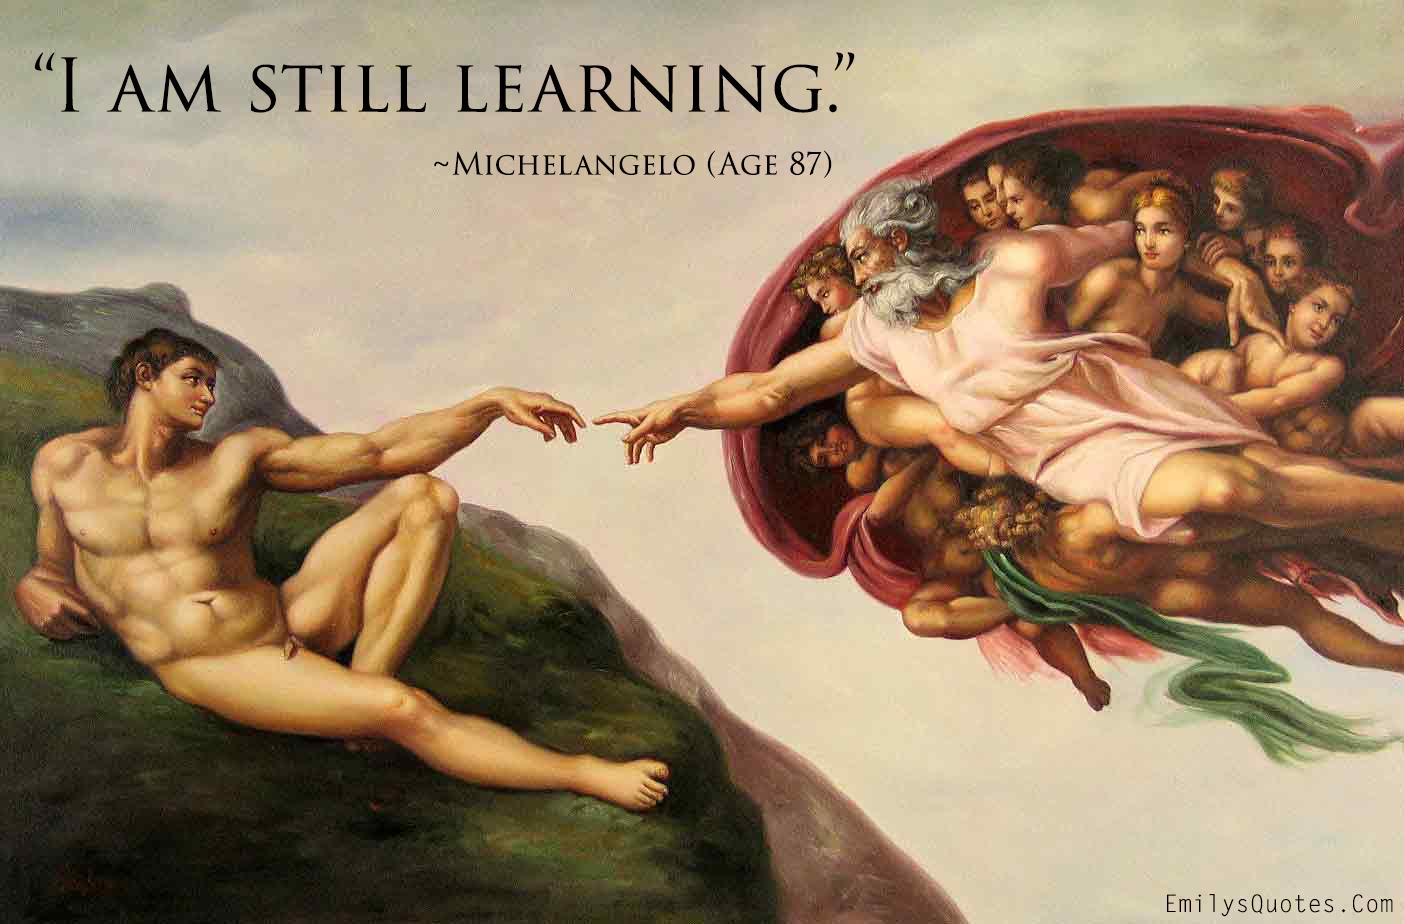 EmilysQuotes.Com - learning, amazing, great, Michelangelo